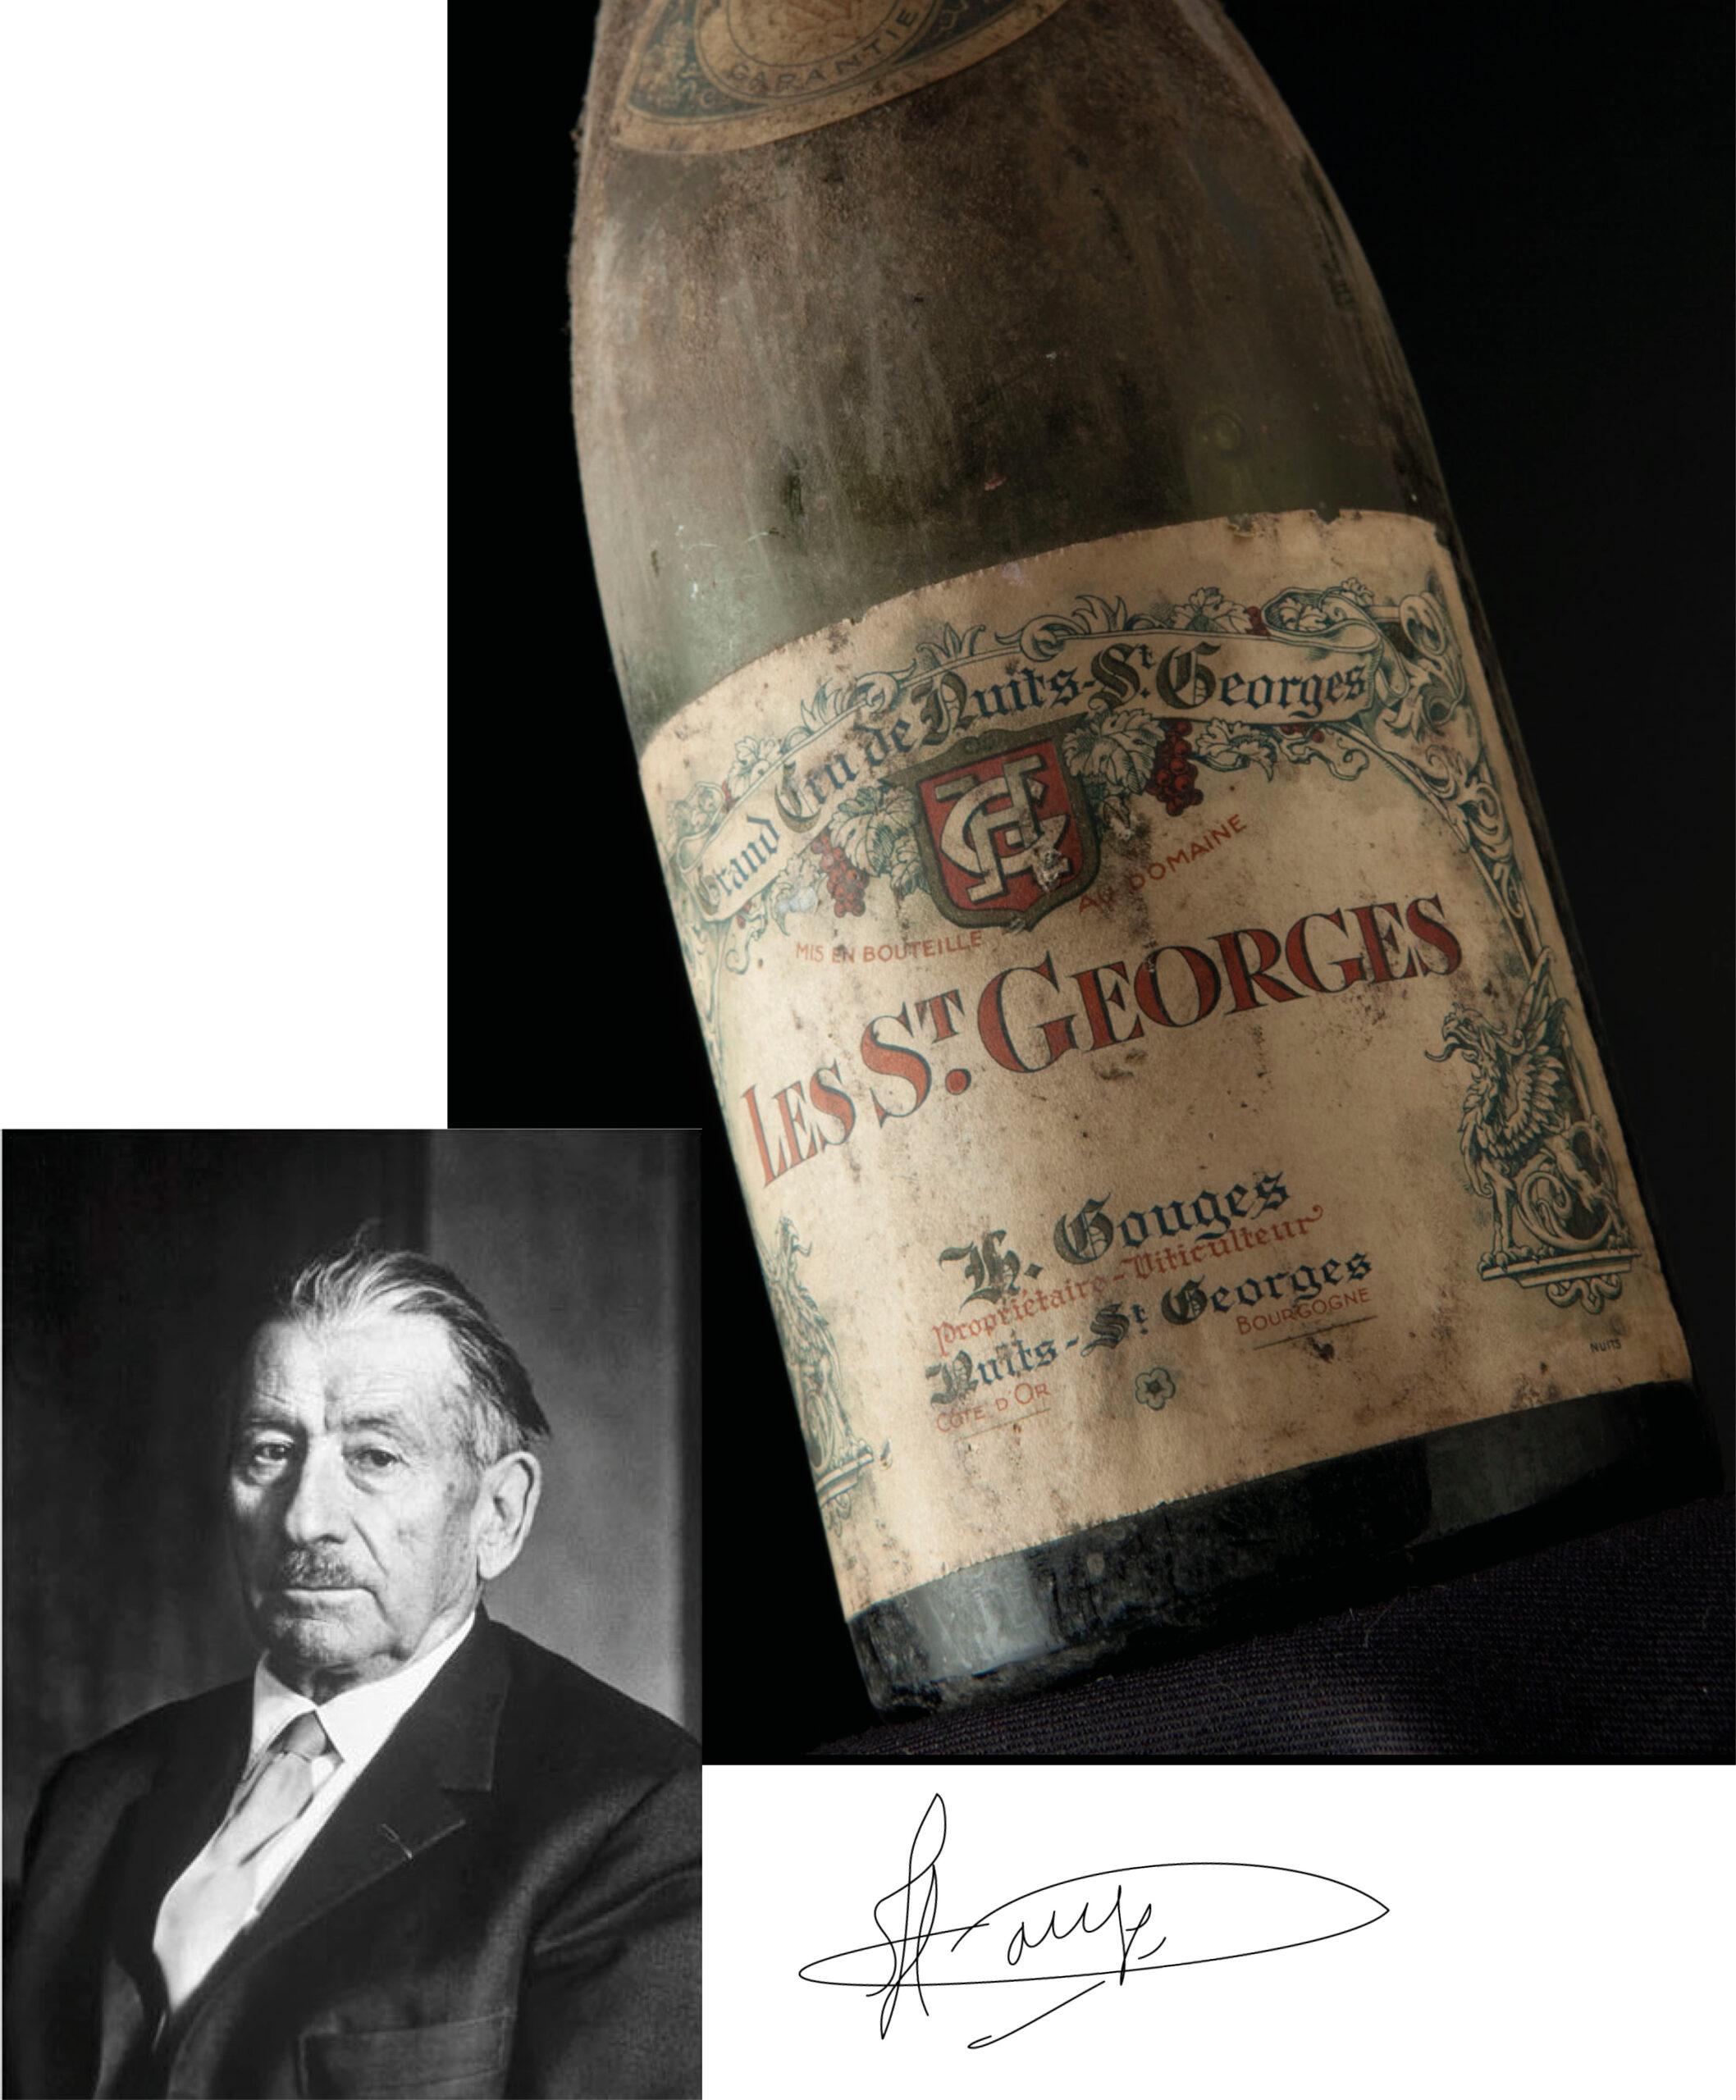 Henri Gouges - Les Saint Georges - ancienne bouteille